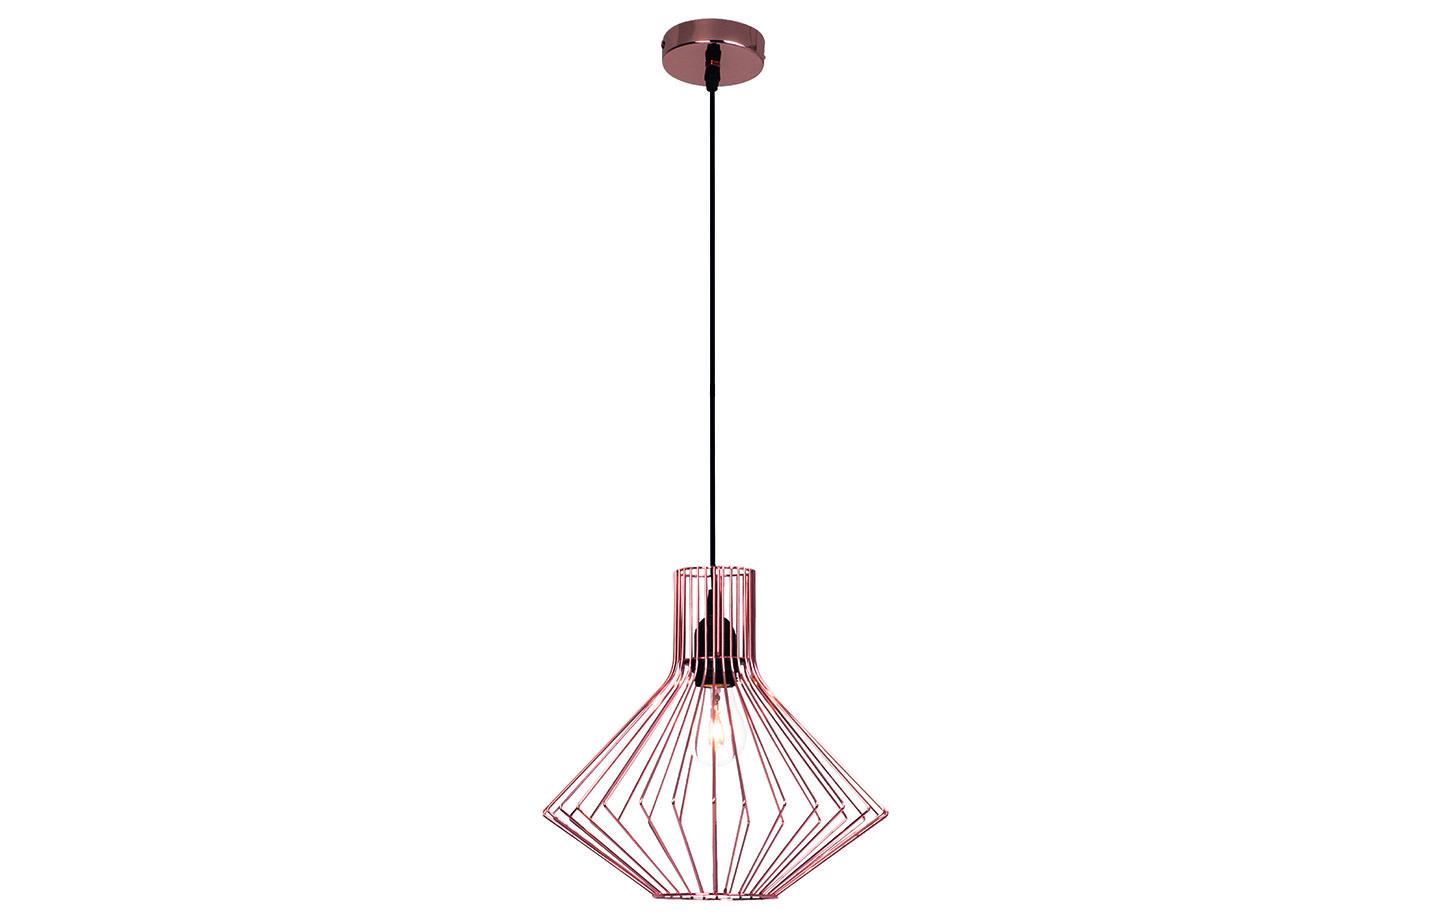 Flavia pendant light – Copper